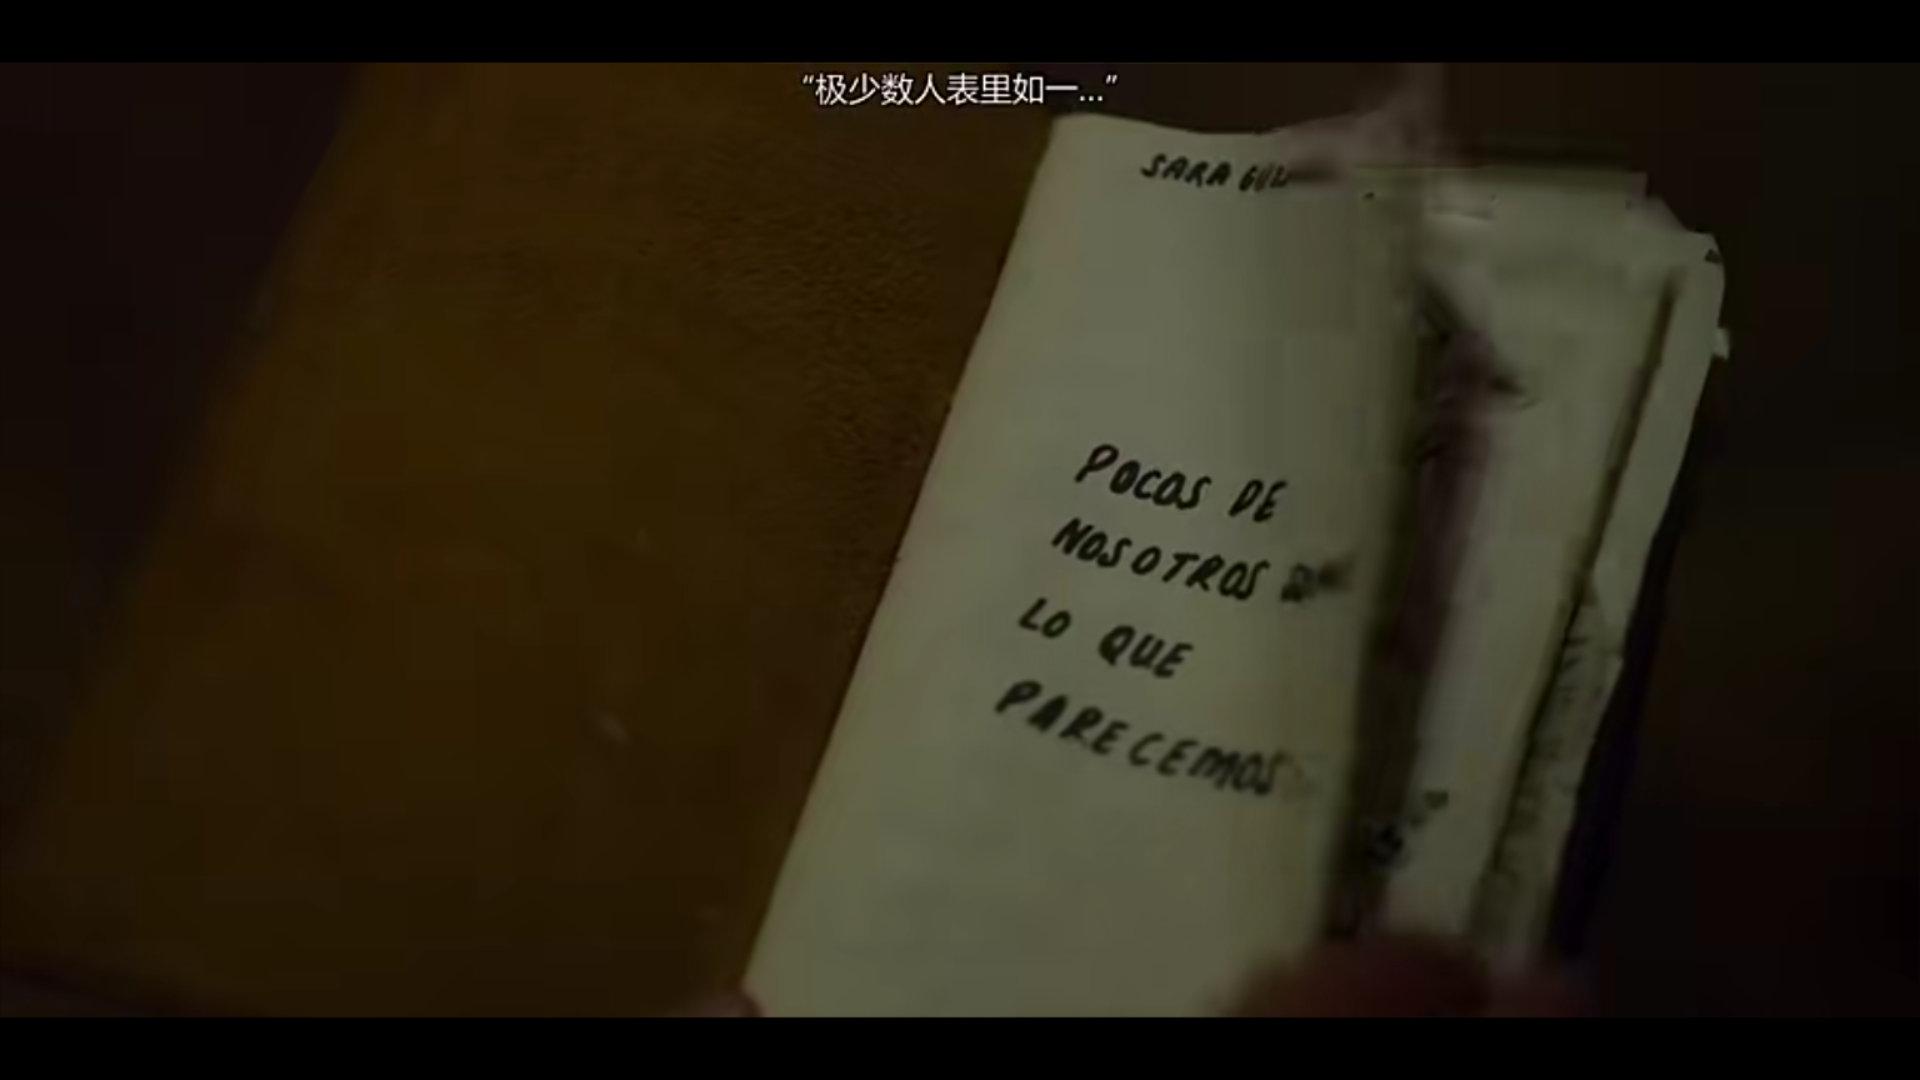 大尺度西班牙悬疑剧《谁杀了莎拉?》第一季全集无删减 百度云高清下载图片 第2张